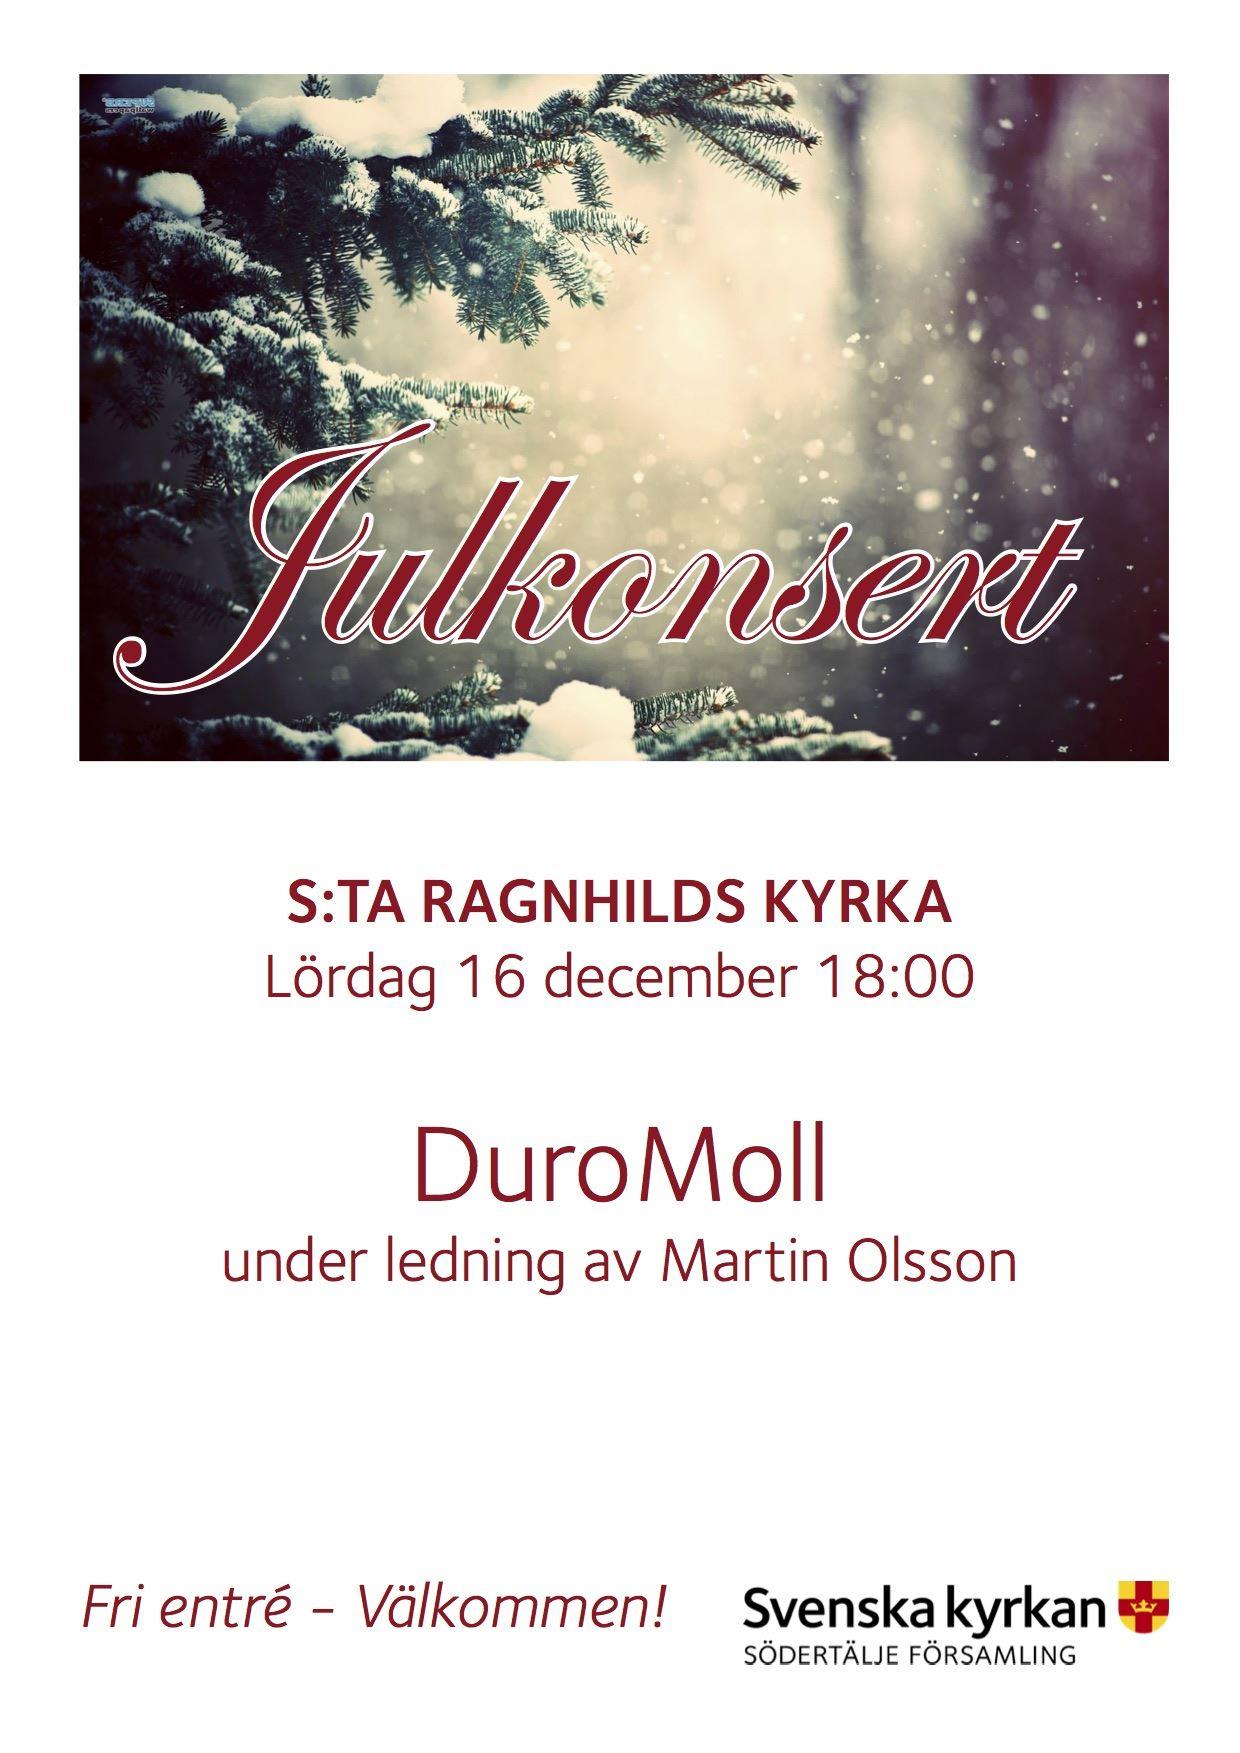 Julkonsert i S:ta Ragnhilds kyrka